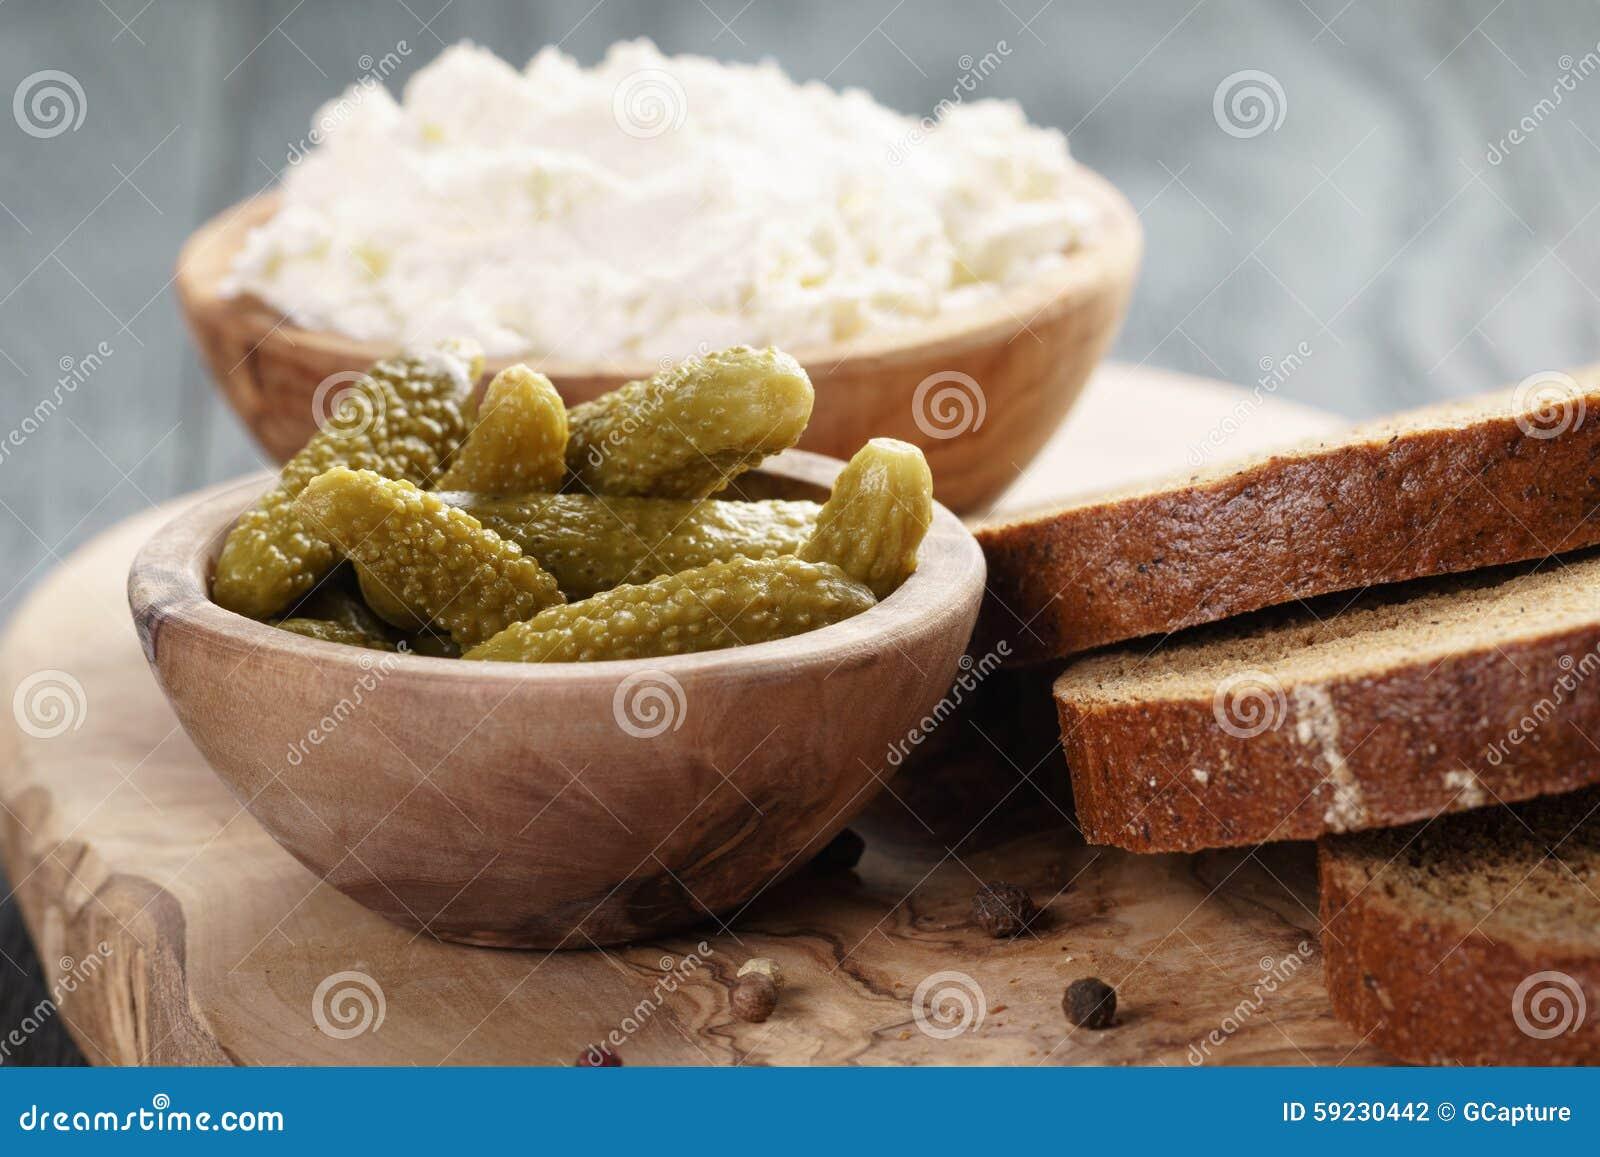 Ingredientes para el bocadillo con queso crean y